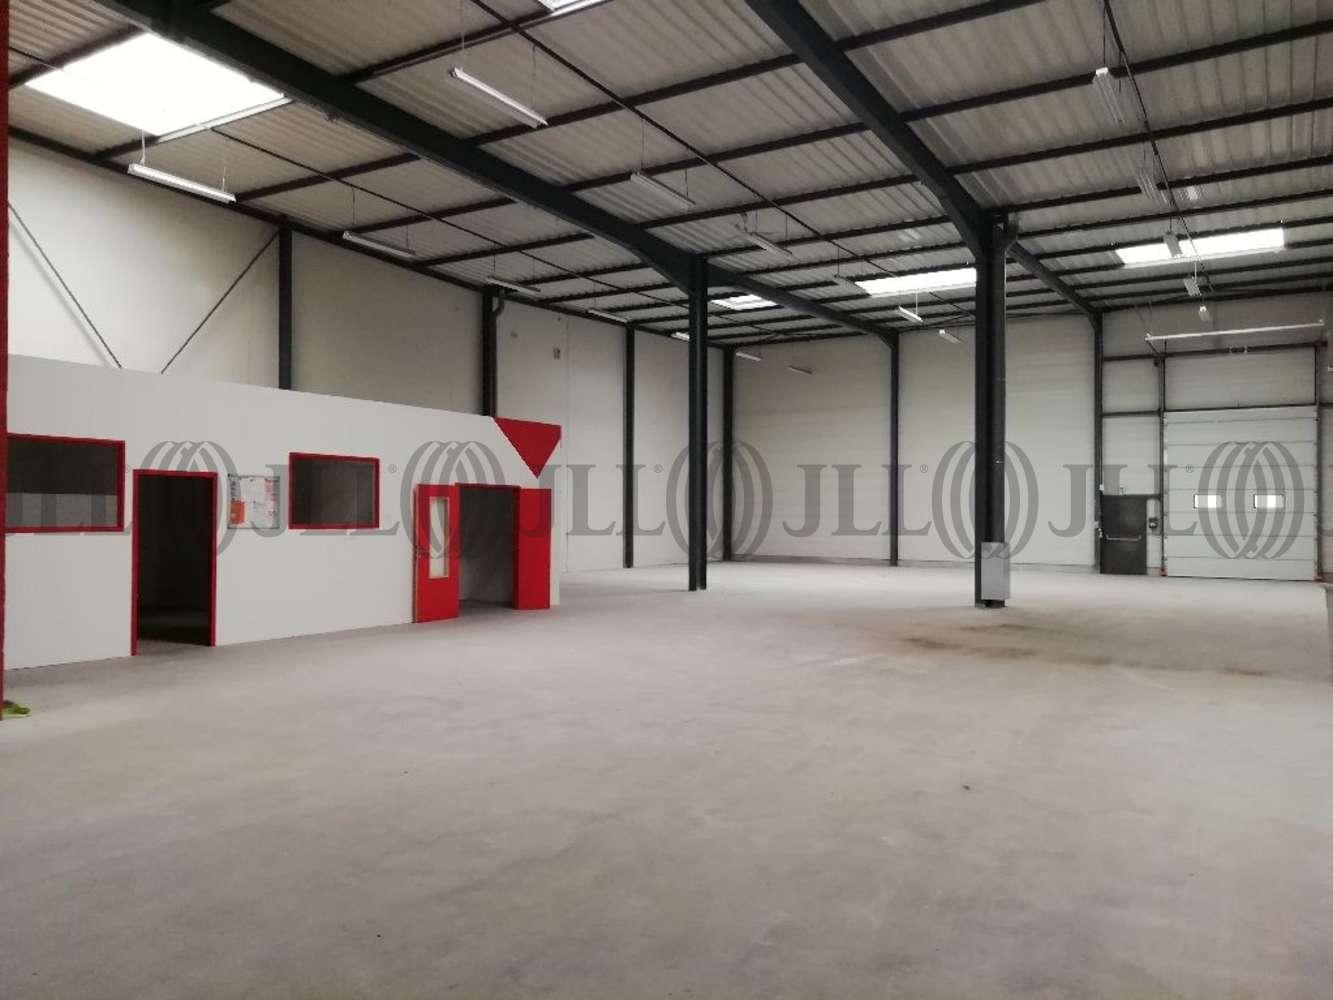 Activités/entrepôt Oullins, 69600 - Location entrepot Lyon Sud - Oullins - 10873798